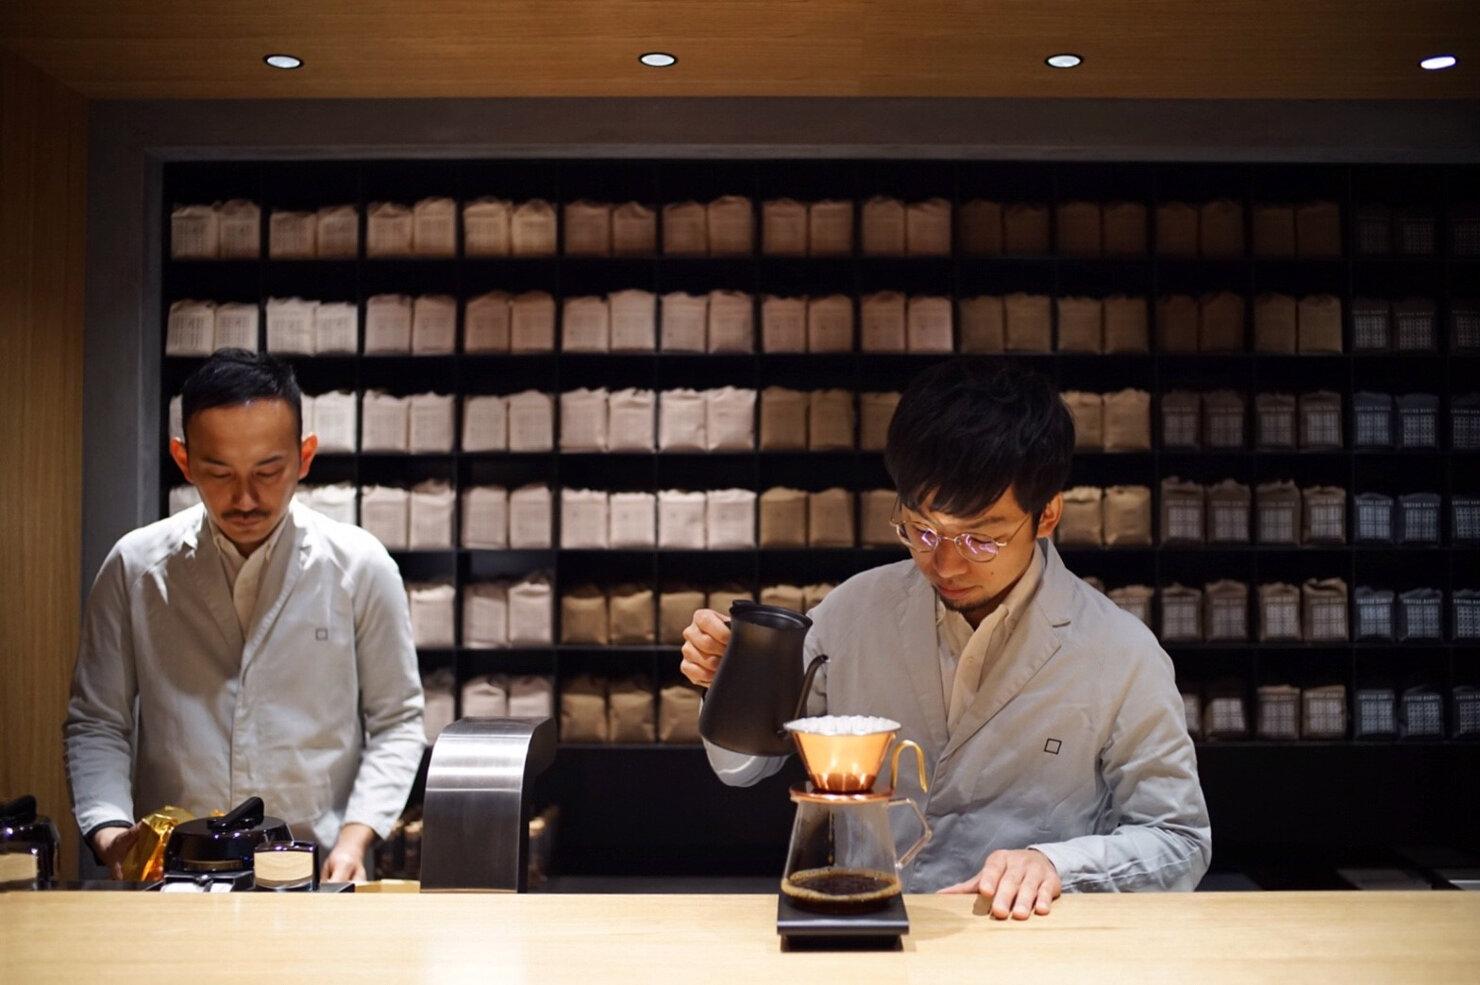 Sprudge-KoffeeMameya-HengteeLim-10_Koffee-Mameya_brewing.jpg